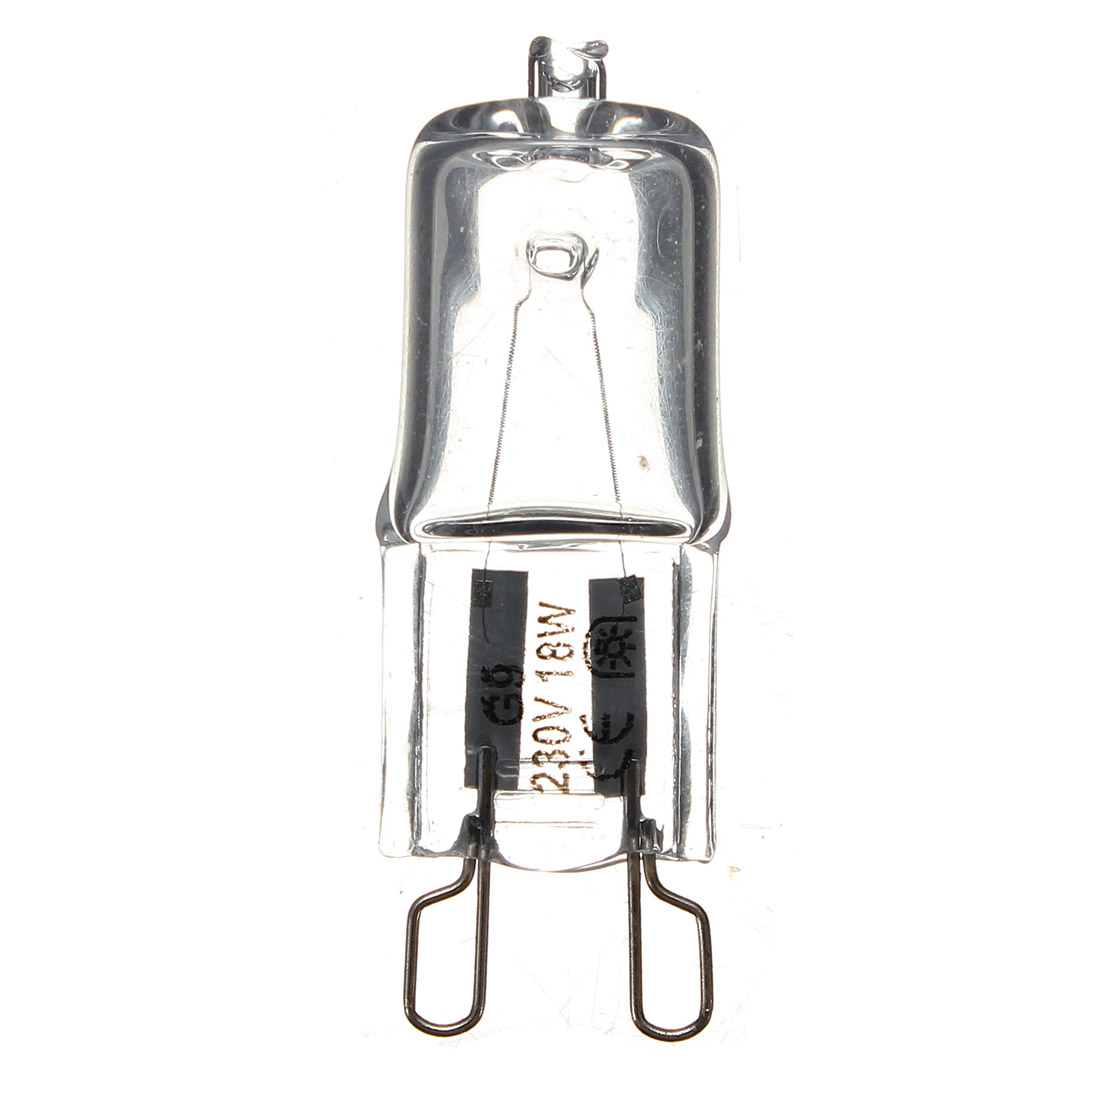 12v halogen bulb